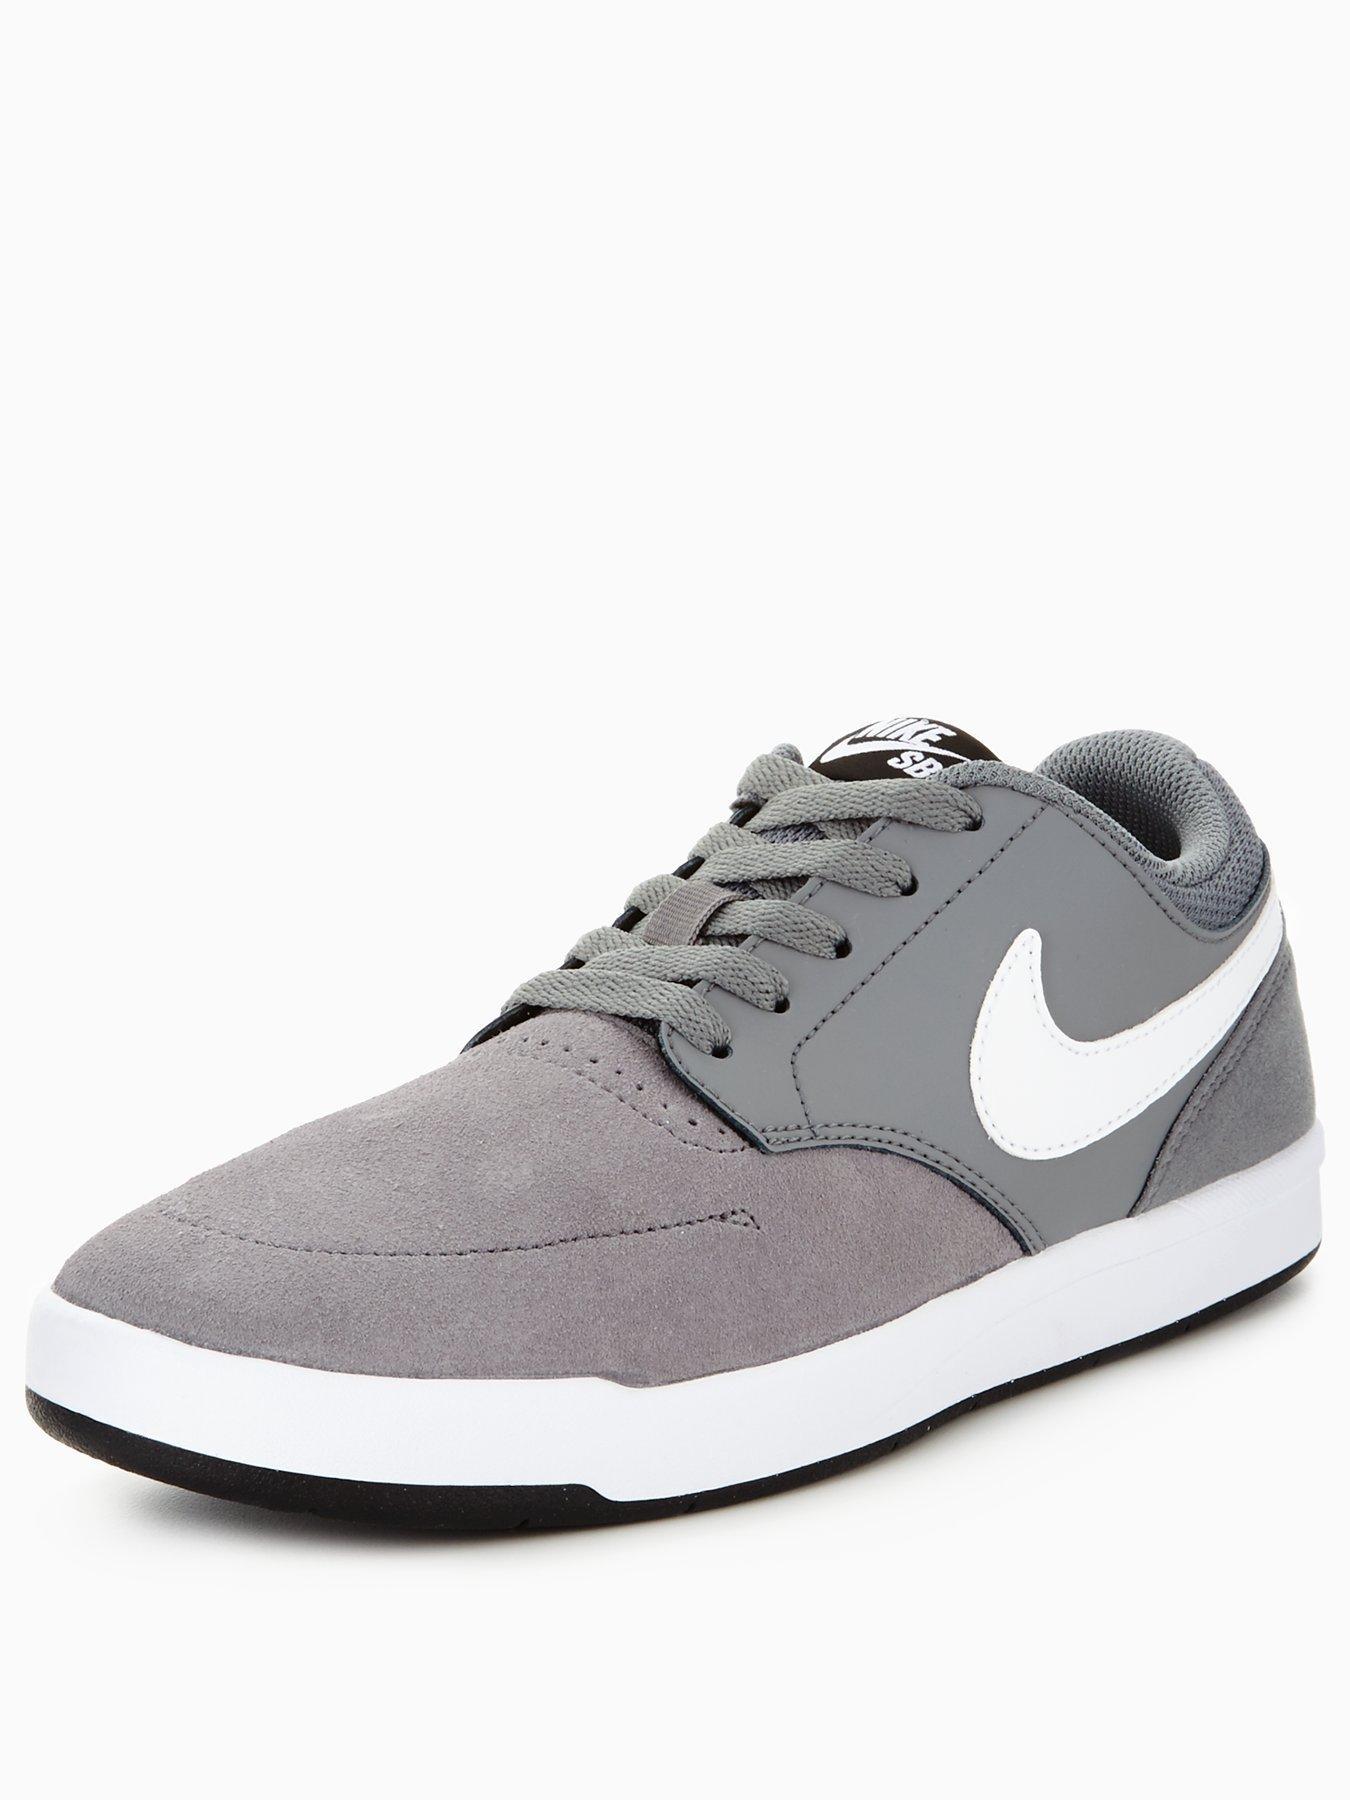 Nike Sb Fokus 1600169509 Men's Shoes Nike Trainers